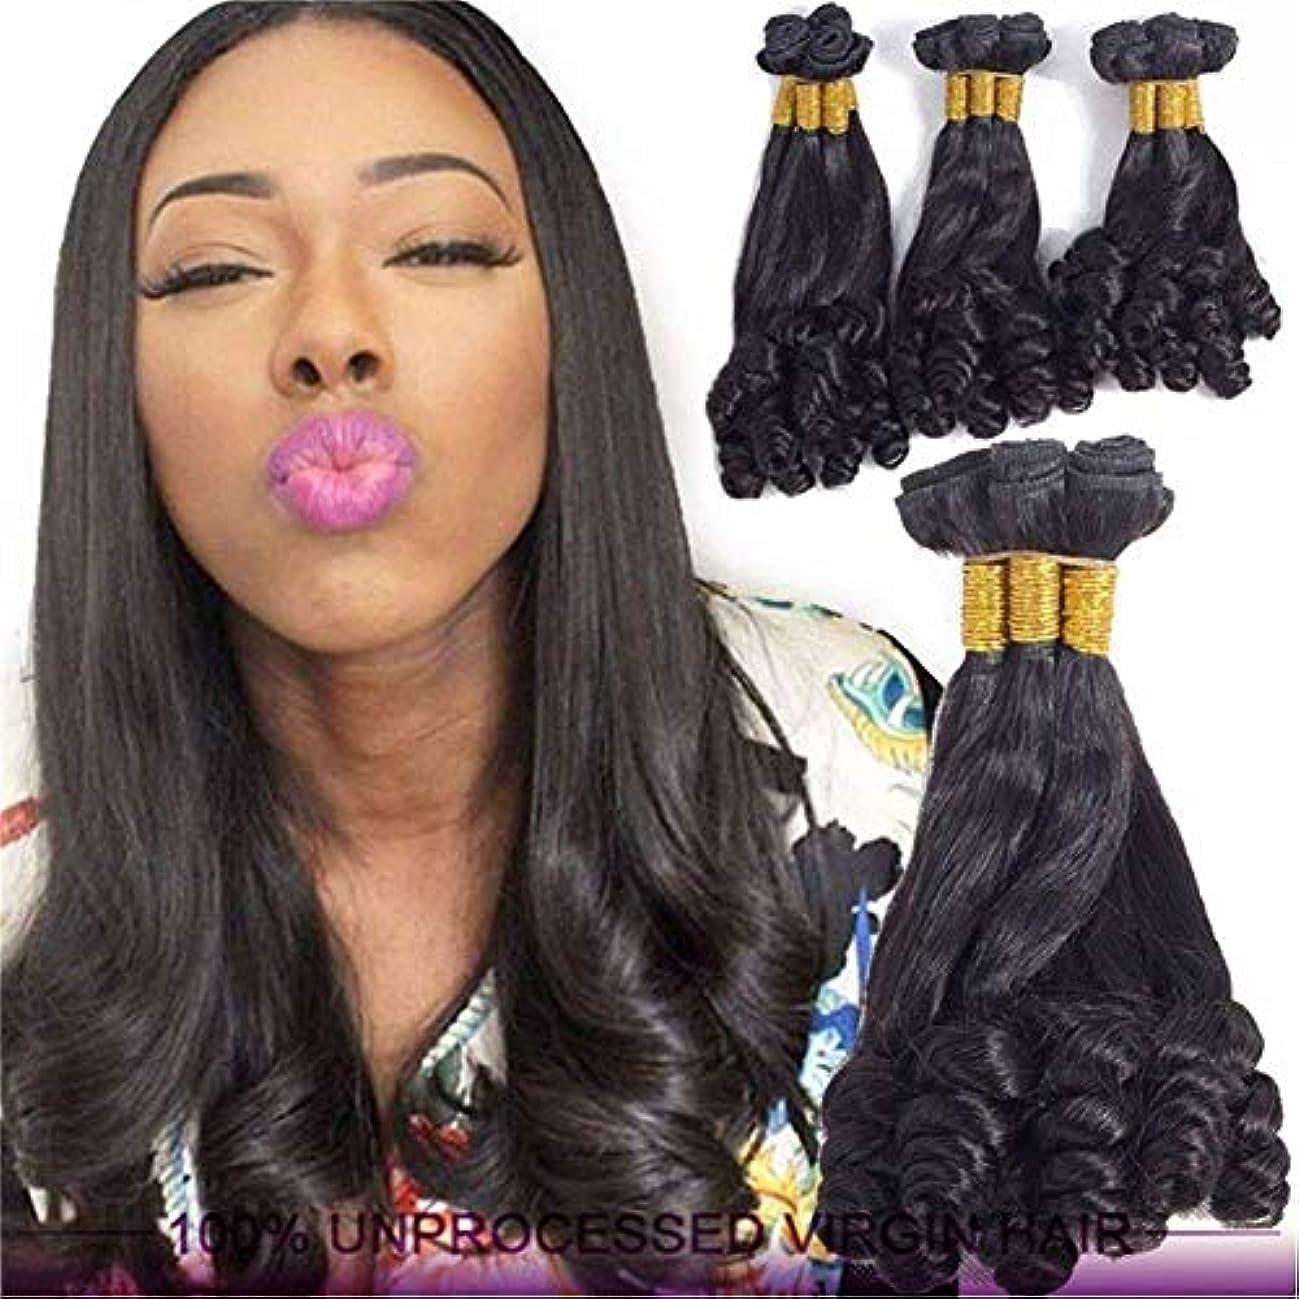 タクト支援思慮のないBeTTi アフリカのバージンヘアエクステンション8aブラジルバウンシーカーリー織りセクシーな女性フルウィッグナチュラルカラー耐熱安いのためパーティーウィッグデイリードレス高密度 (Color : 10)